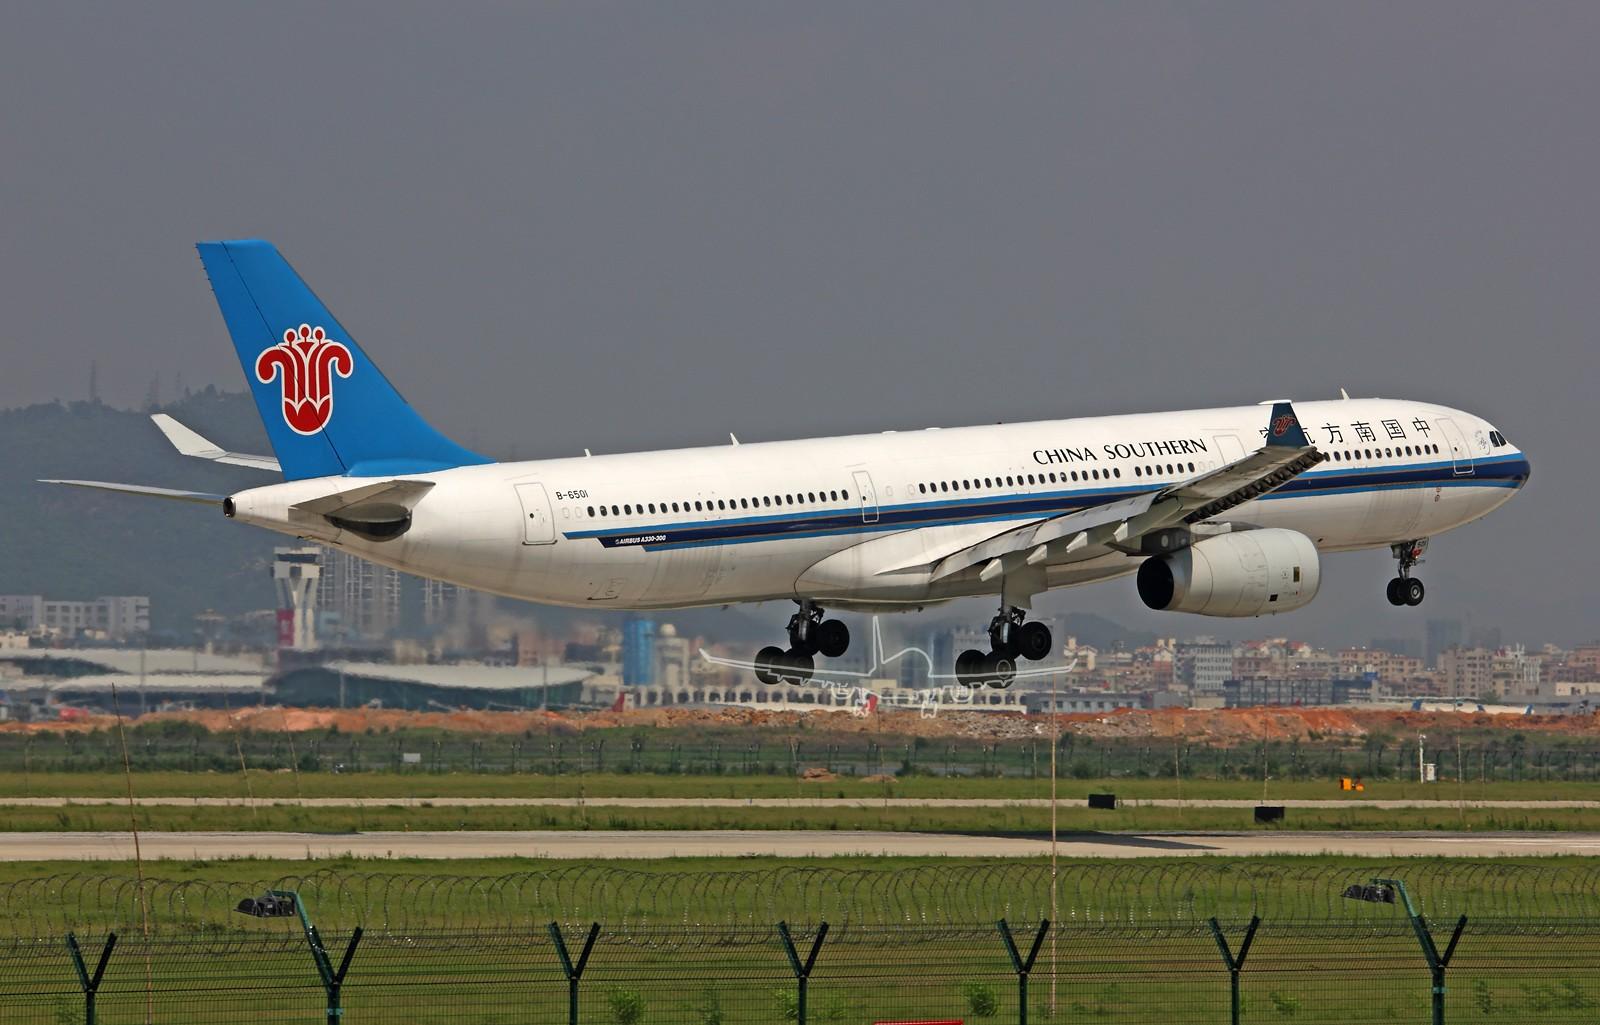 Re:[原创]★ ★ ★ ★ ★   深圳二跑那些大灰机们   ★ ★ ★ ★ ★ AIRBUS A330-300 B-6501 中国深圳宝安机场